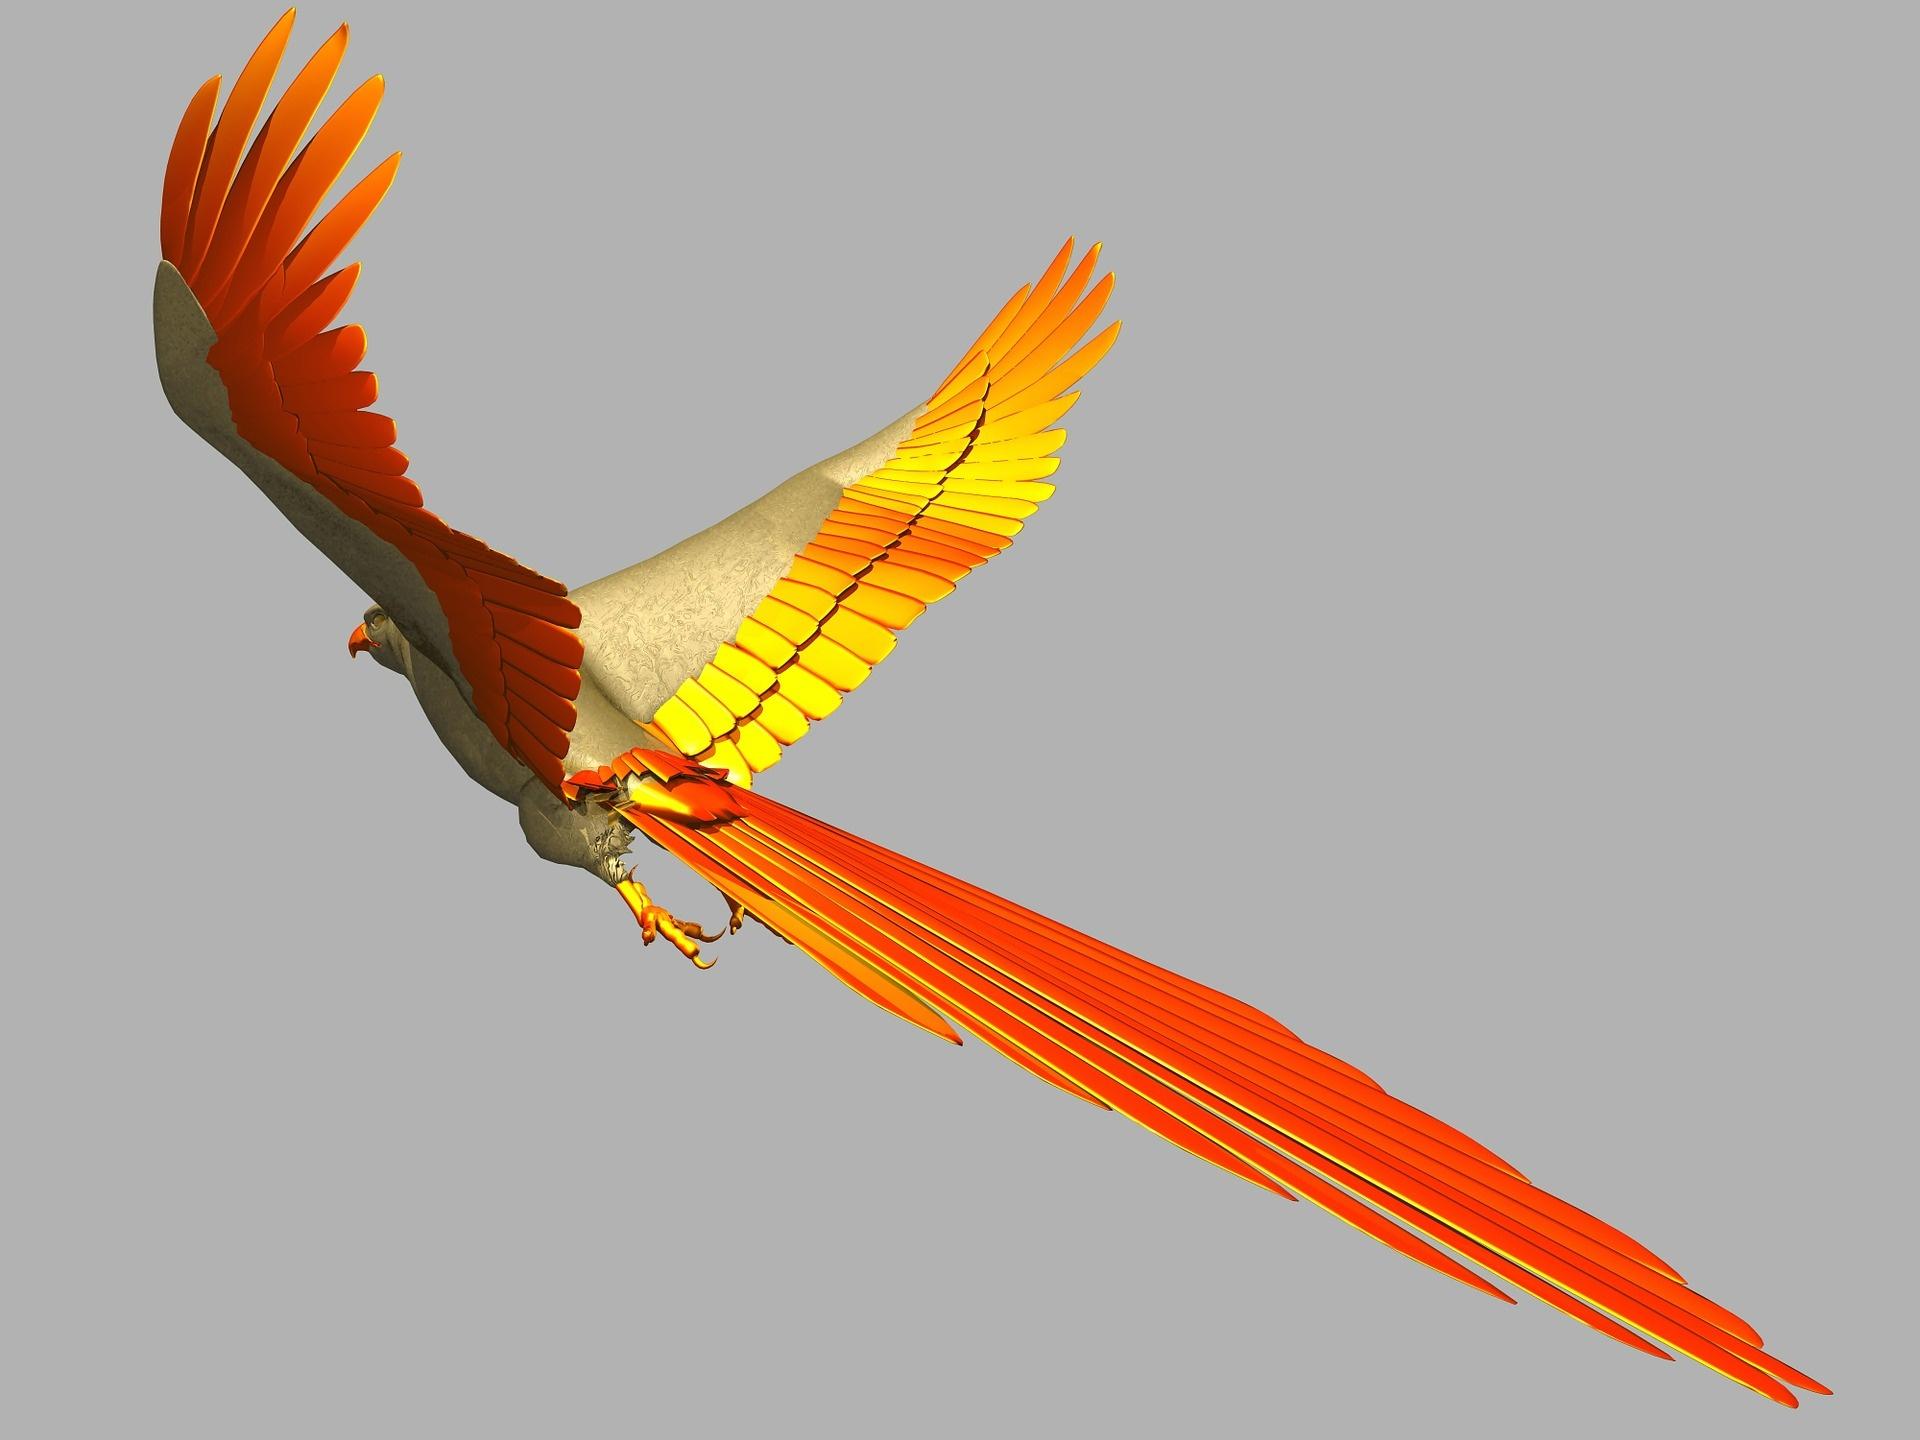 parrot-542482_1920